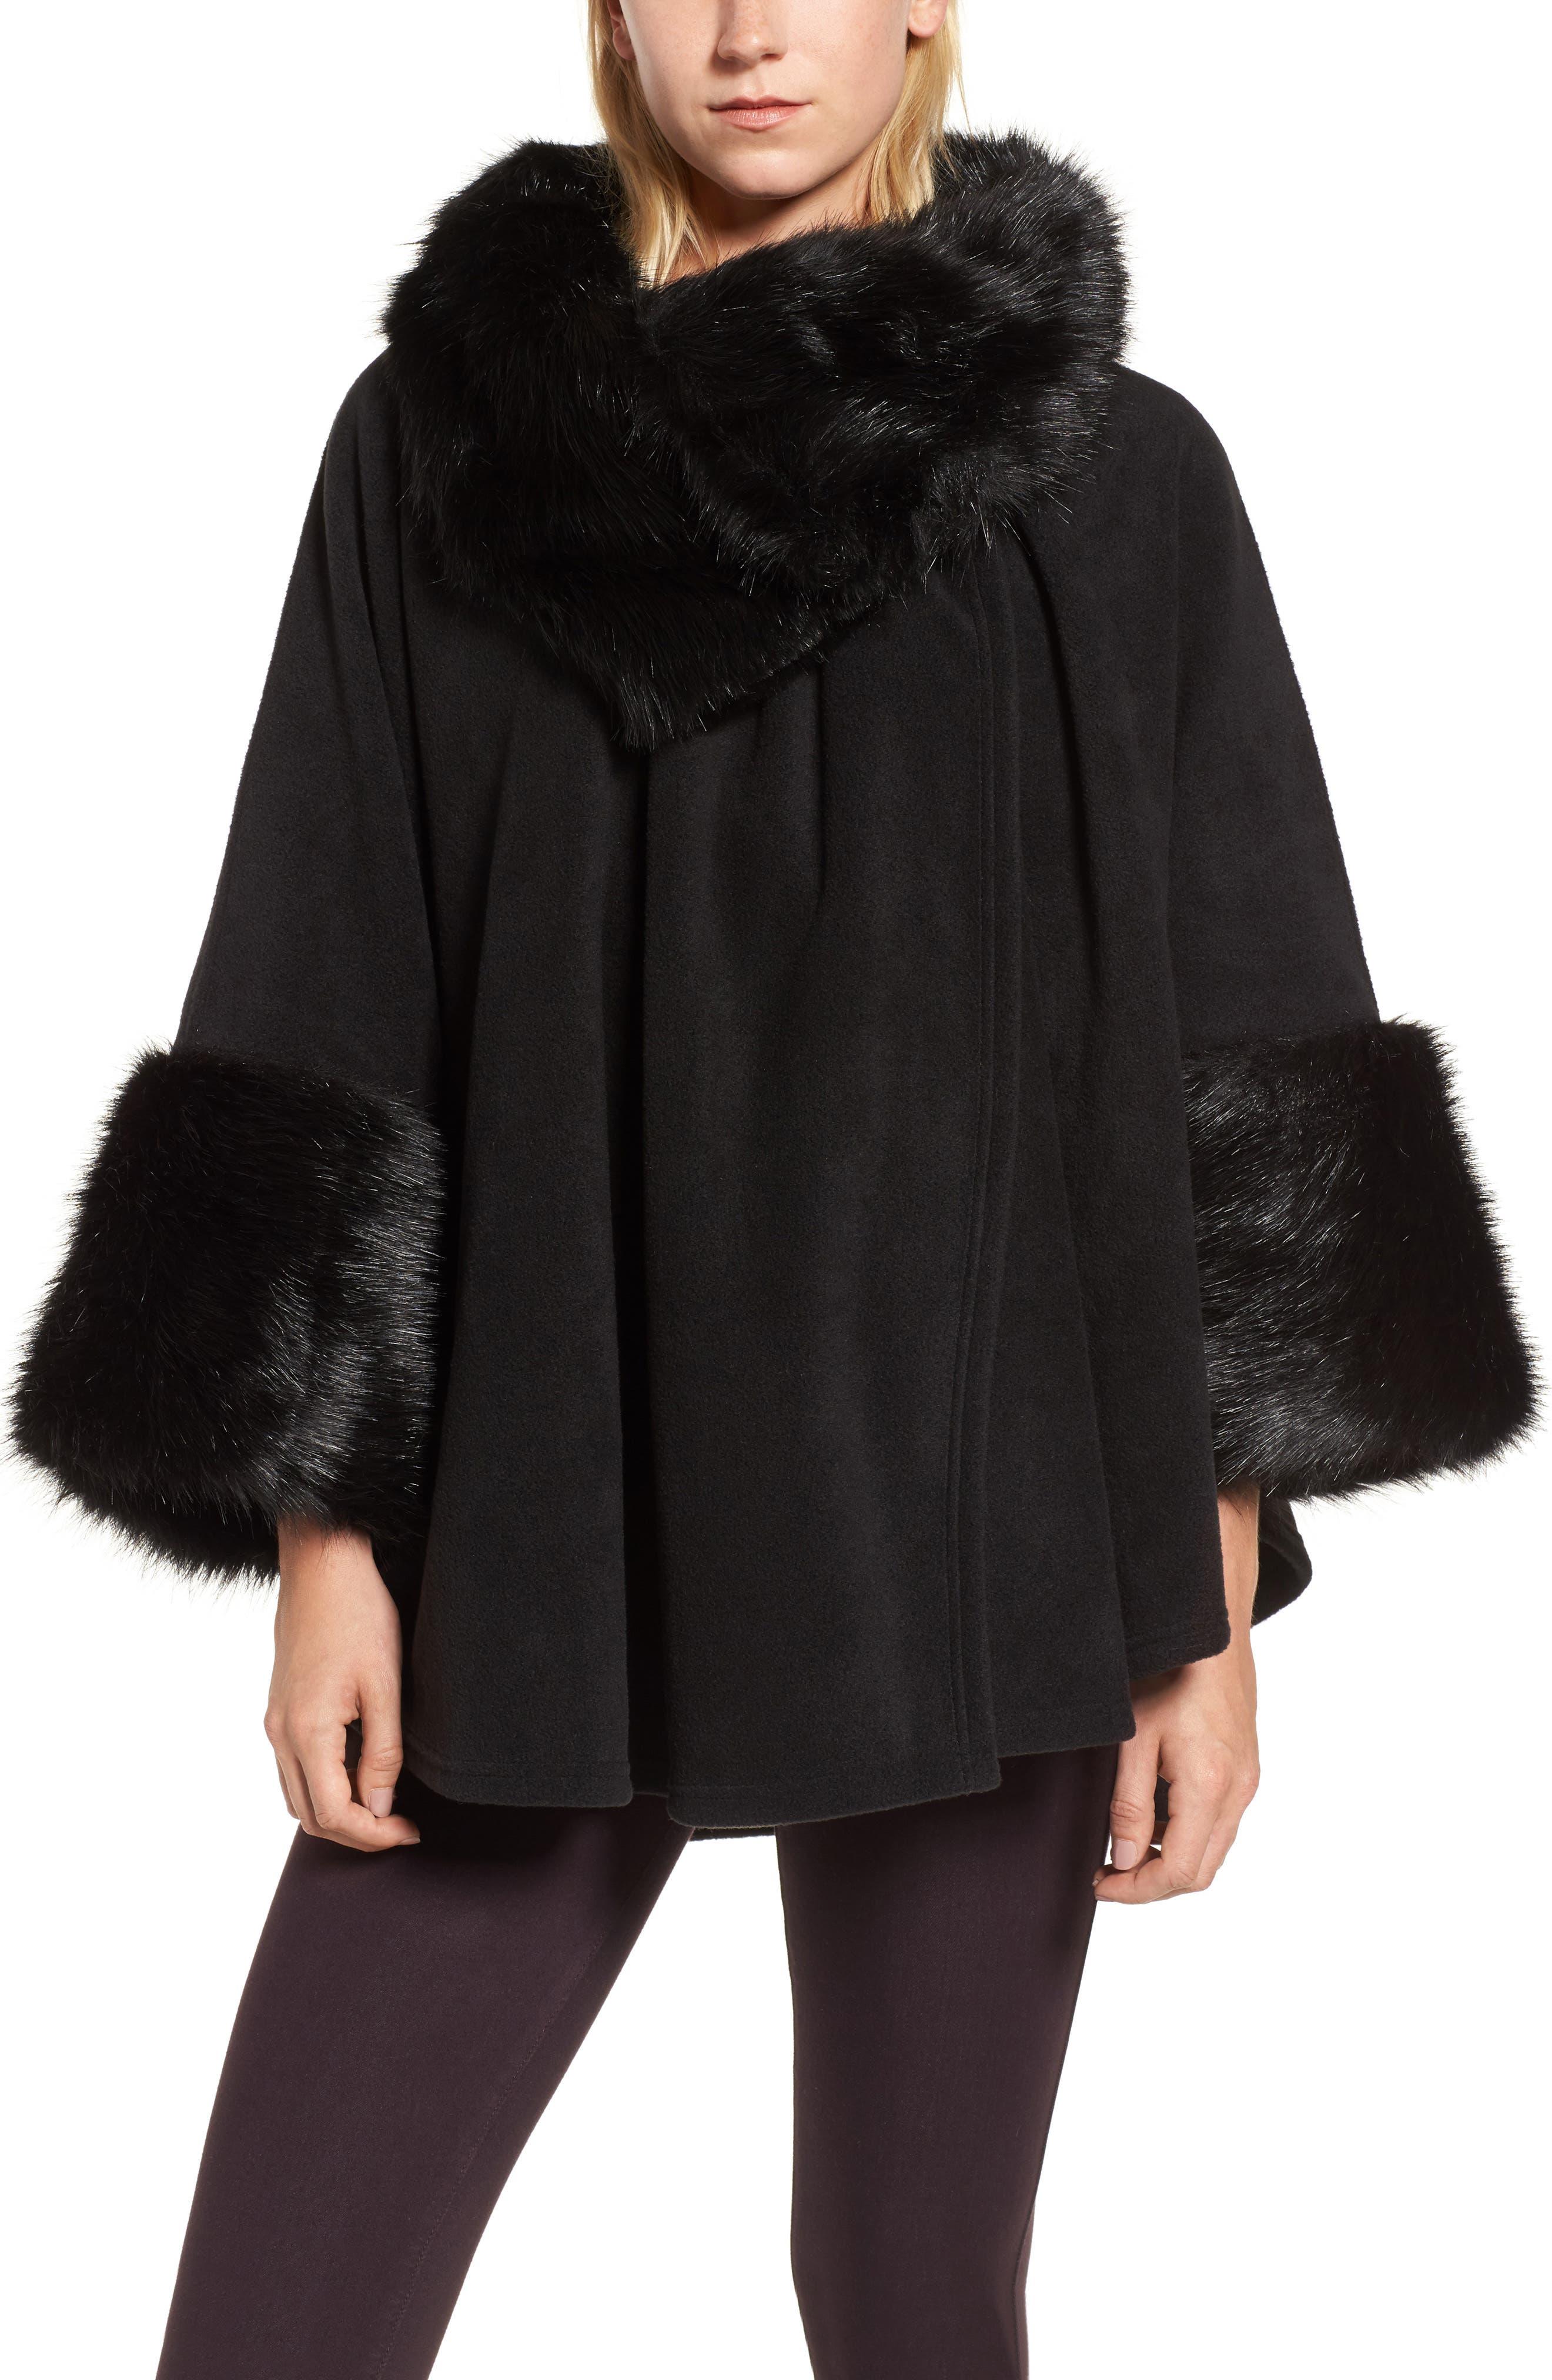 Chelsea Cape with Faux Fur Trim,                         Main,                         color, Black/ Black Mink